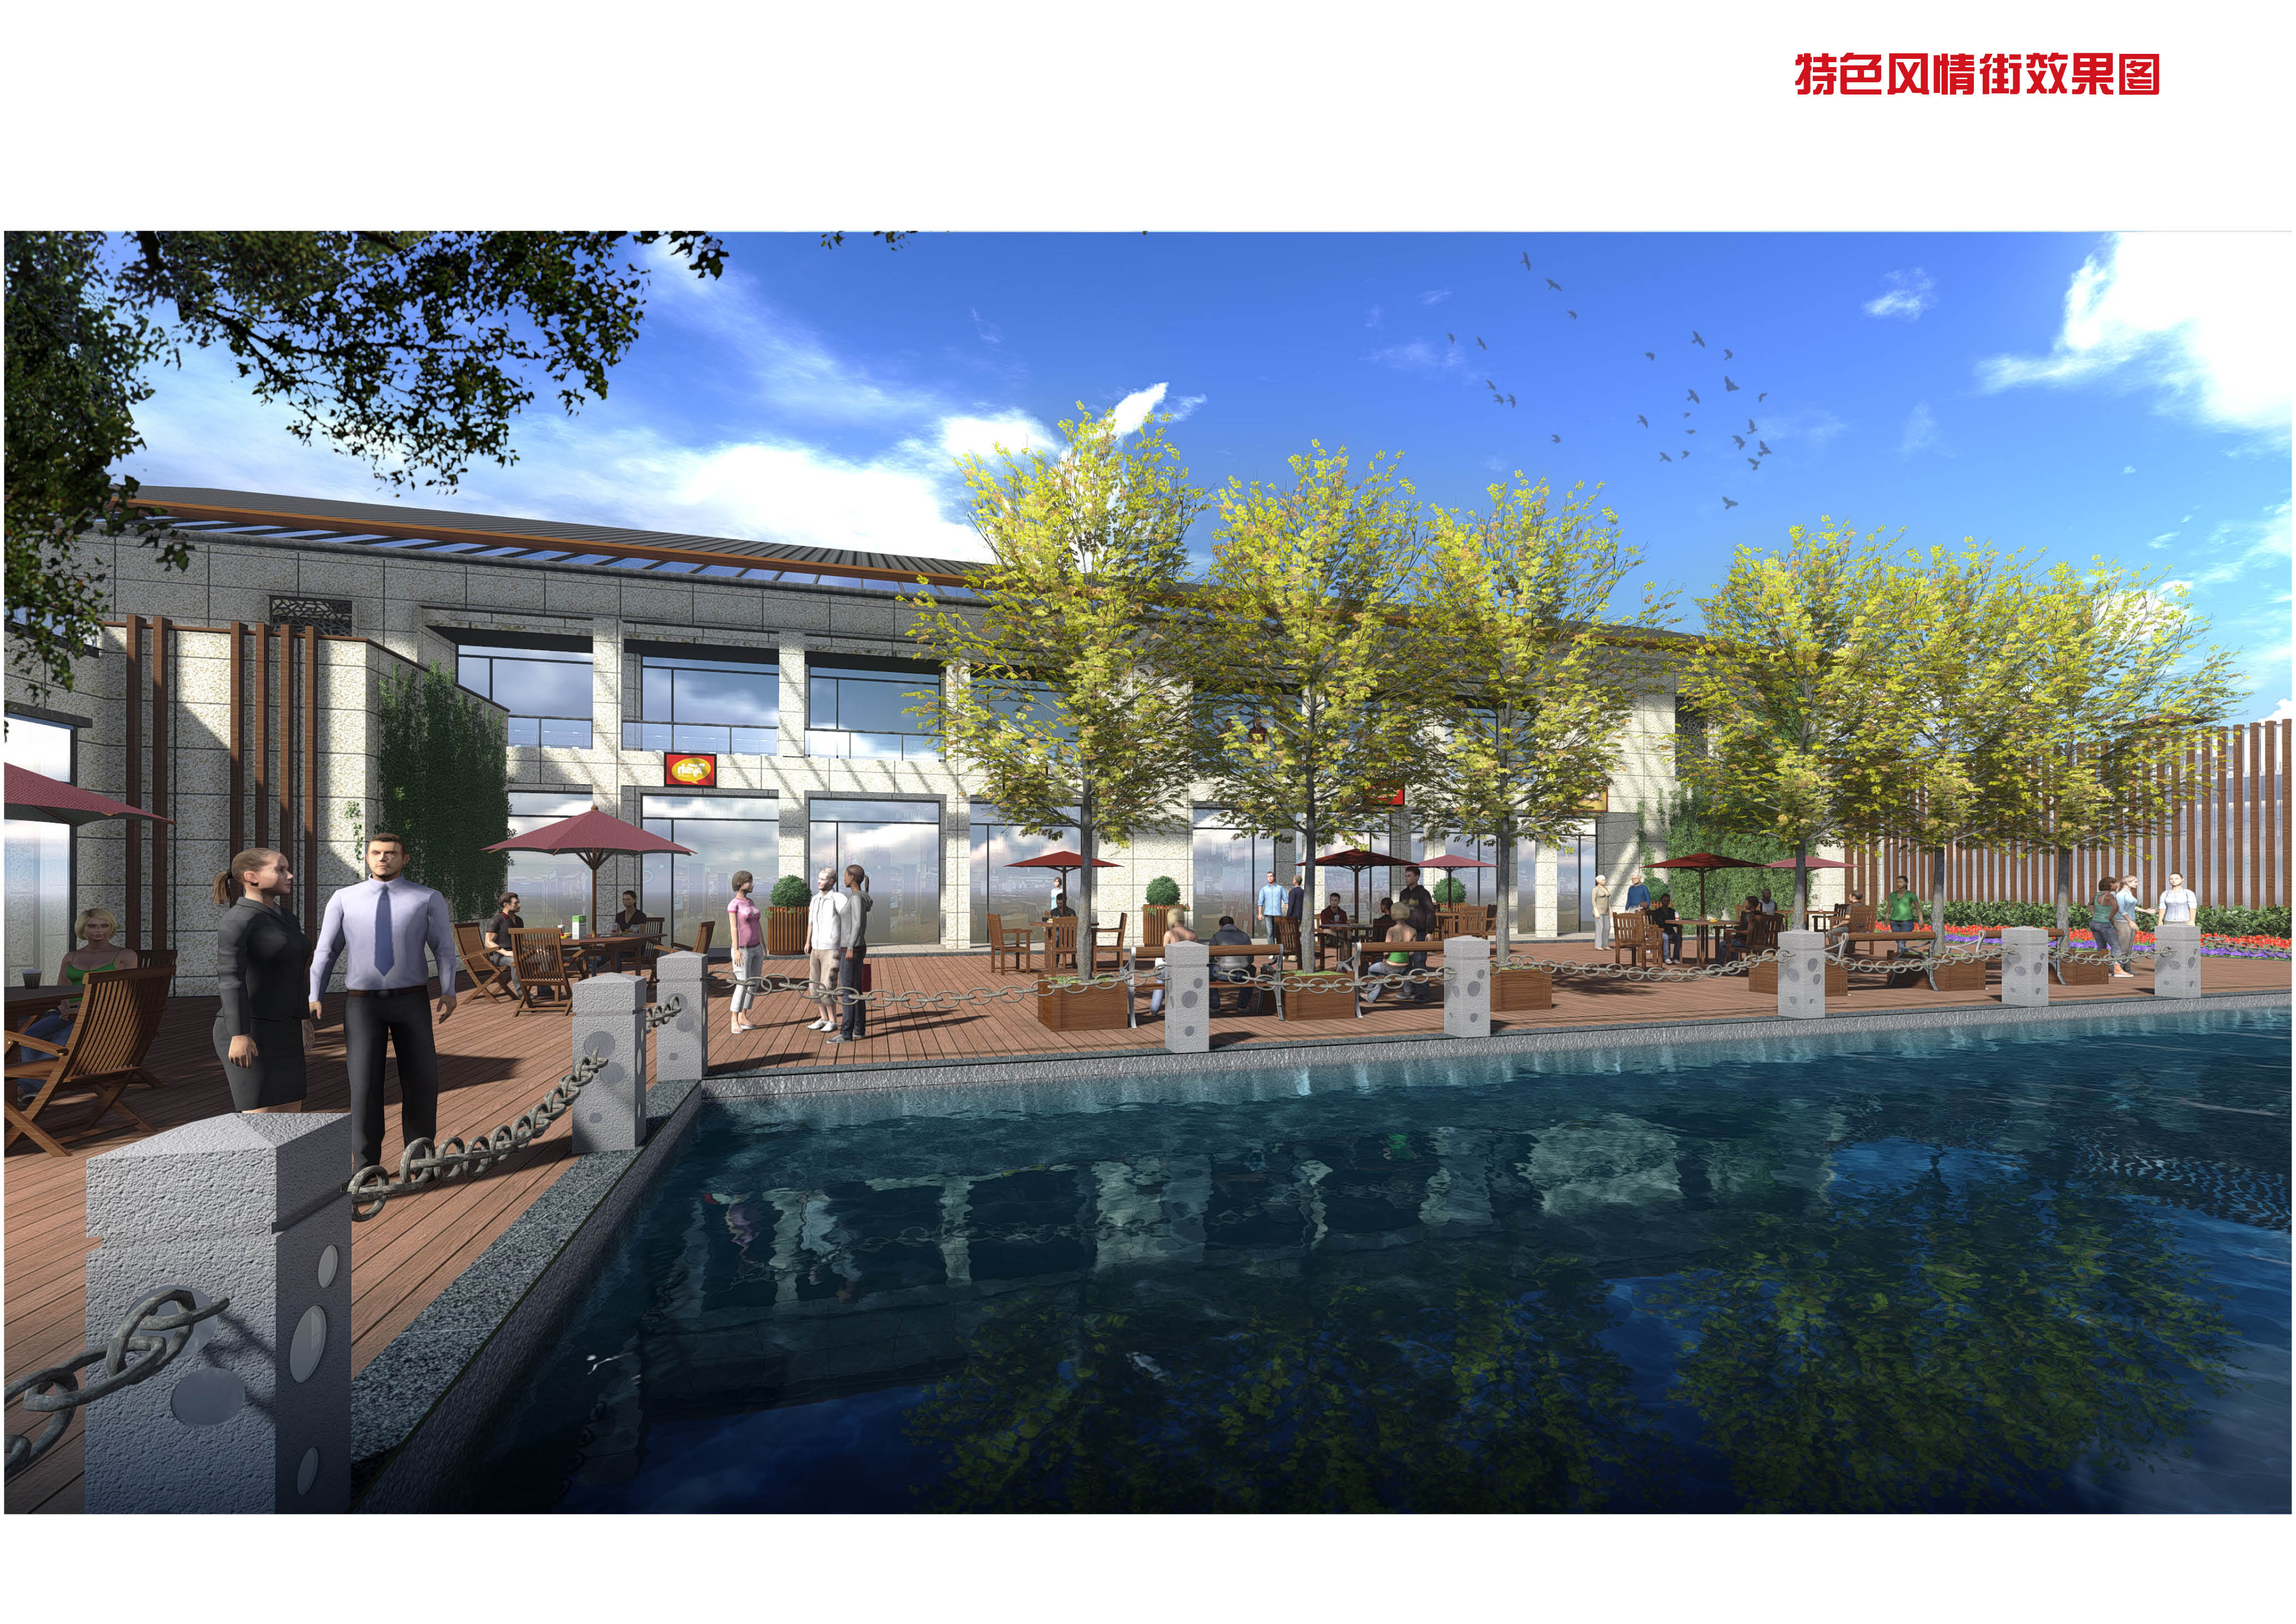 洋口港开发区海洋主题公园-洋口港开发区海洋主题公园景观设计96